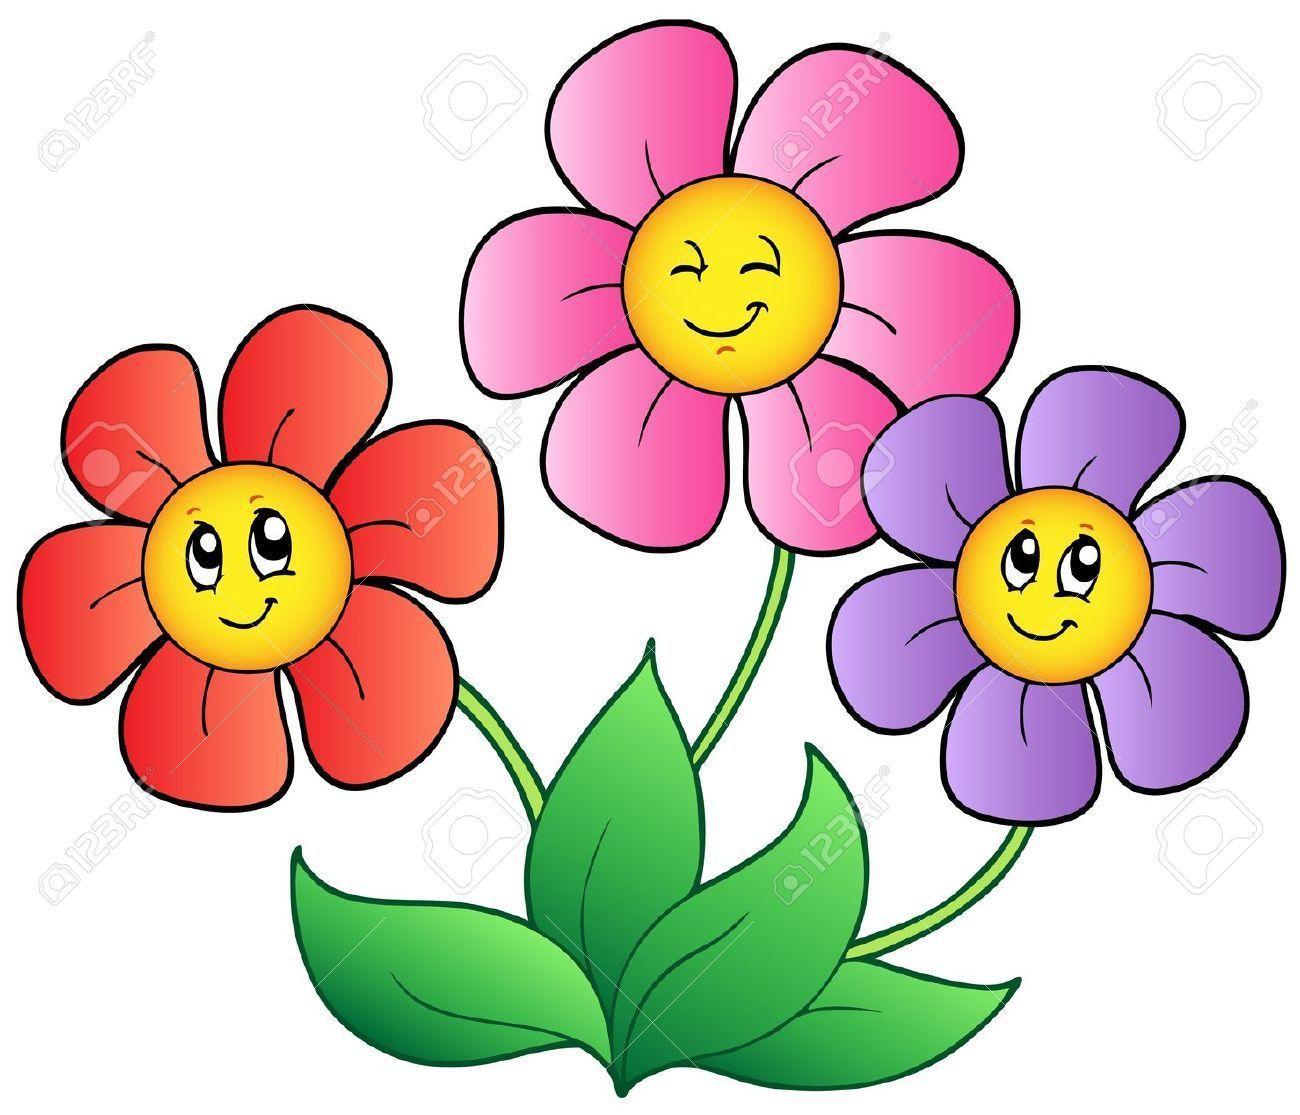 Geburtstag Blumen Gedichtgeburtstag Blumen Fotosgeburtstag Blumen Whatsapp Cartoon Blumen Blumenzeichnung Karikaturen